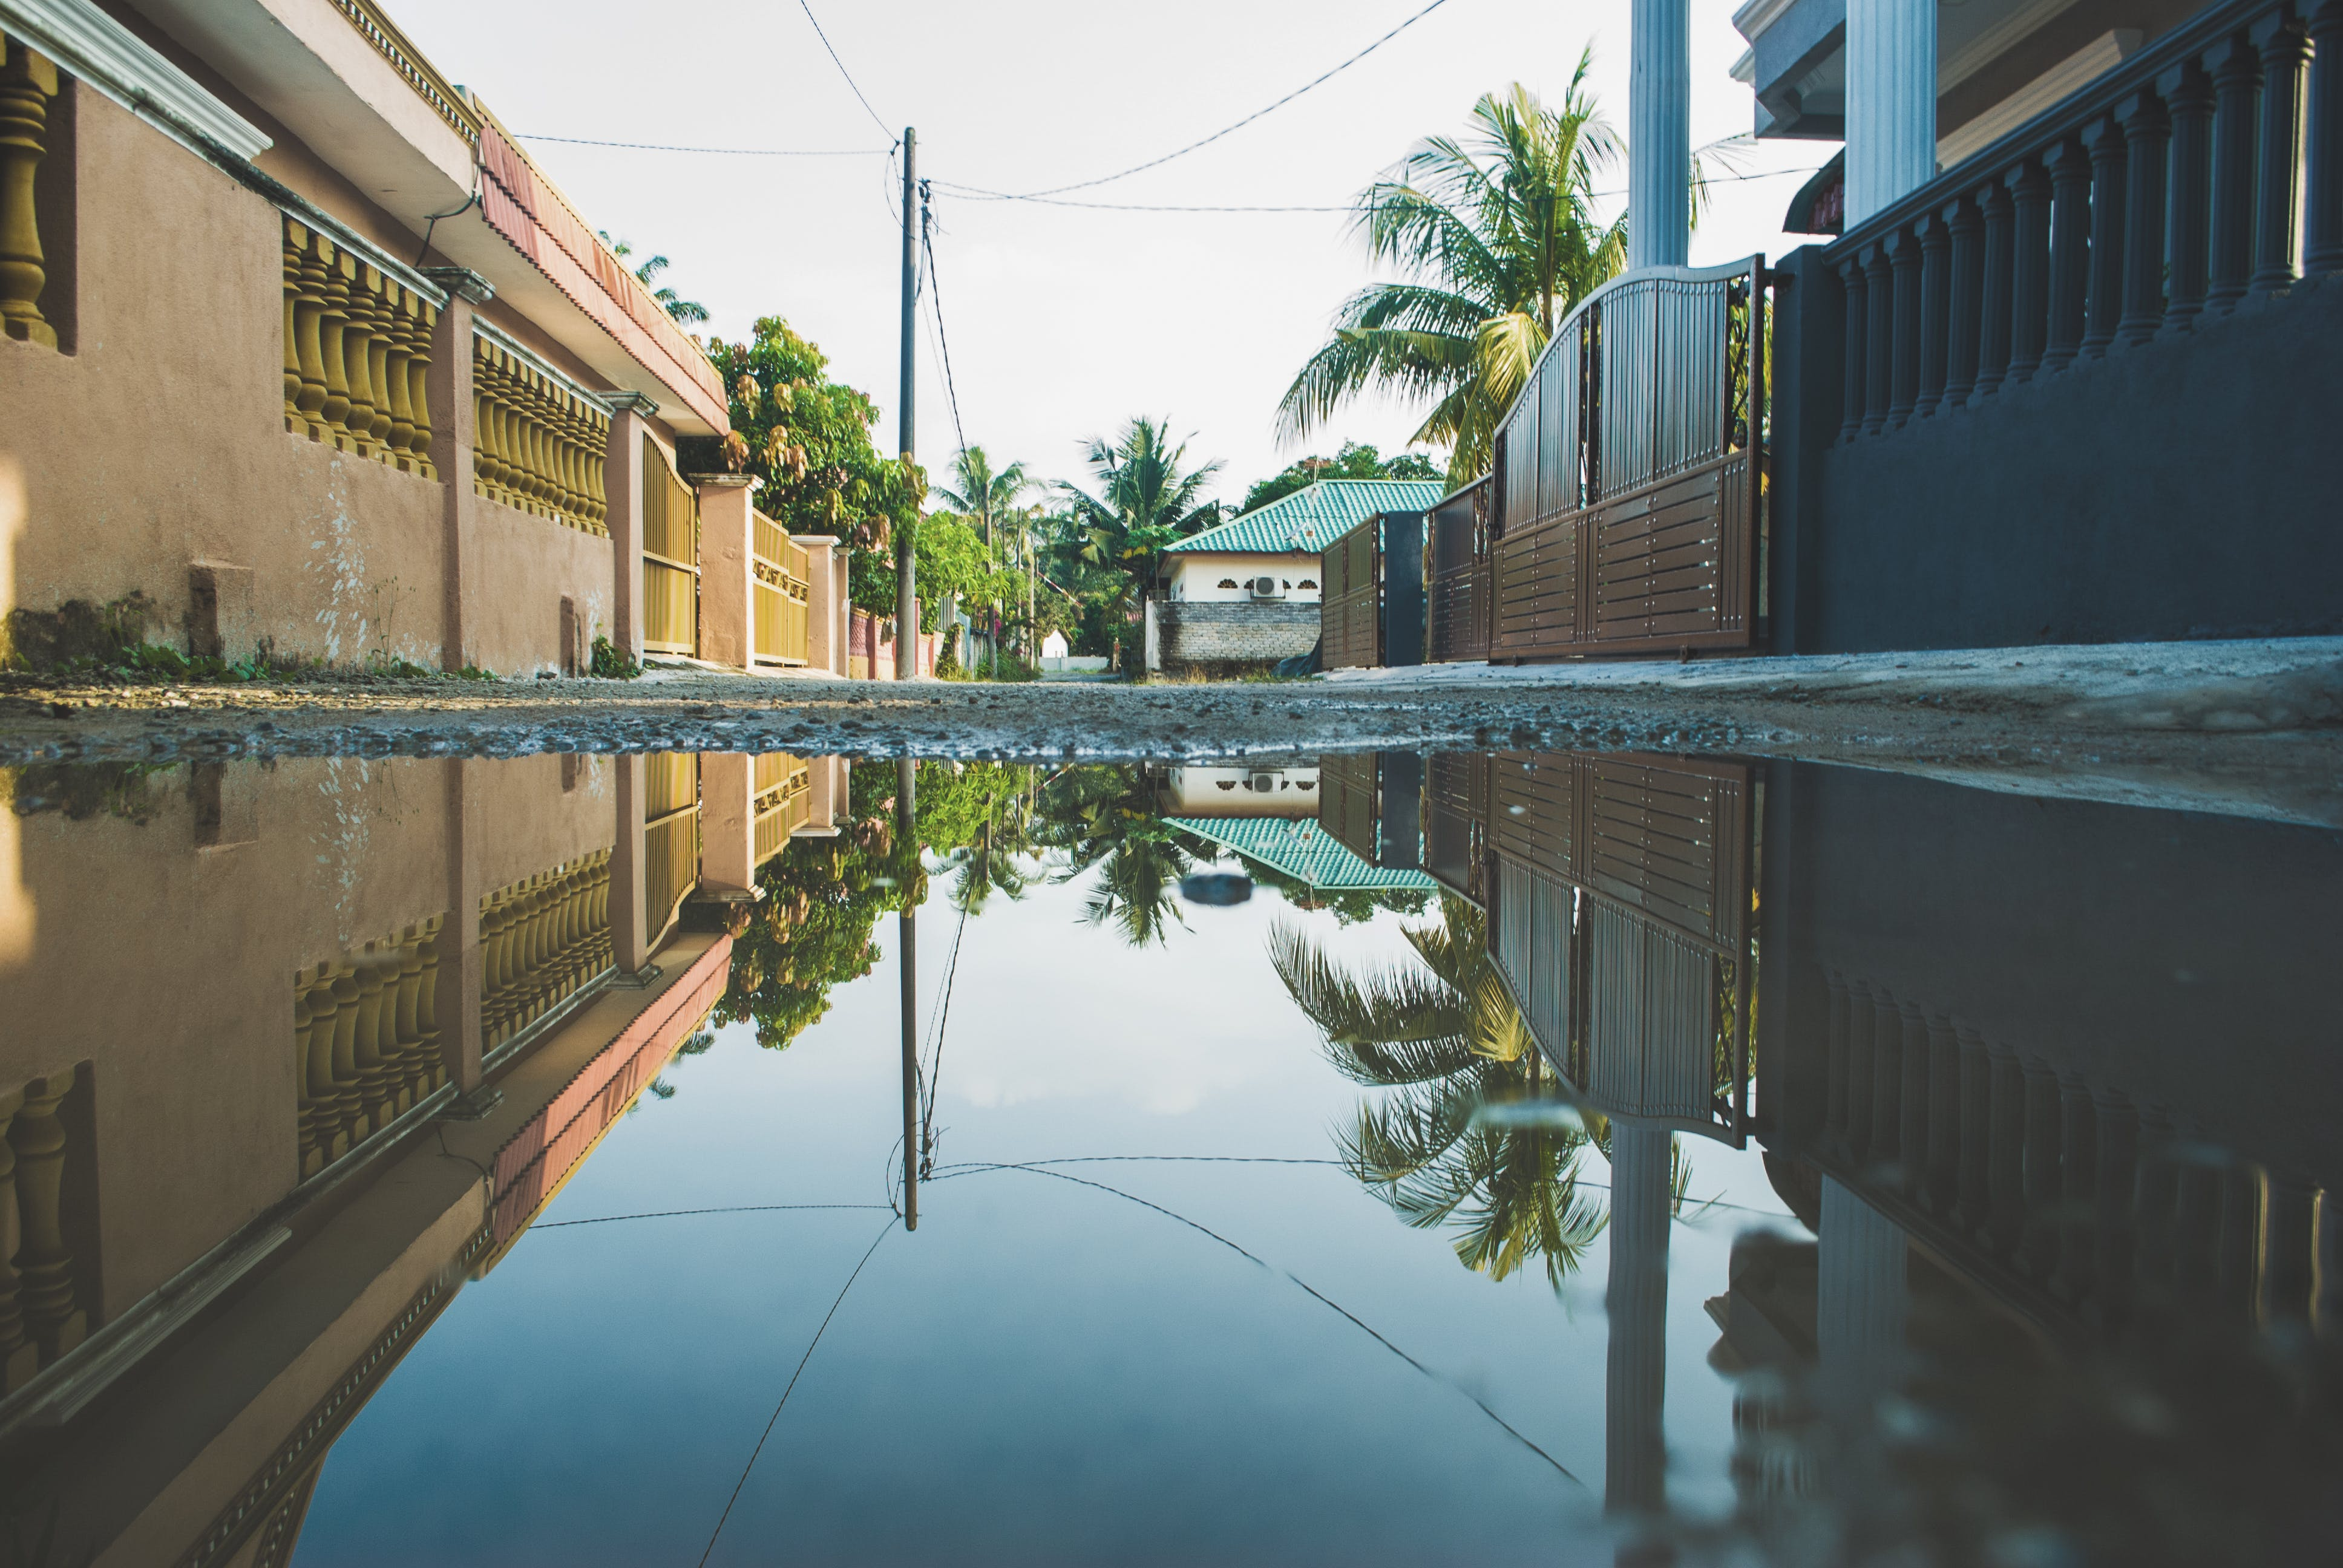 Gratis lagerfoto af arkitektur, beskidt, boligområde, bygninger